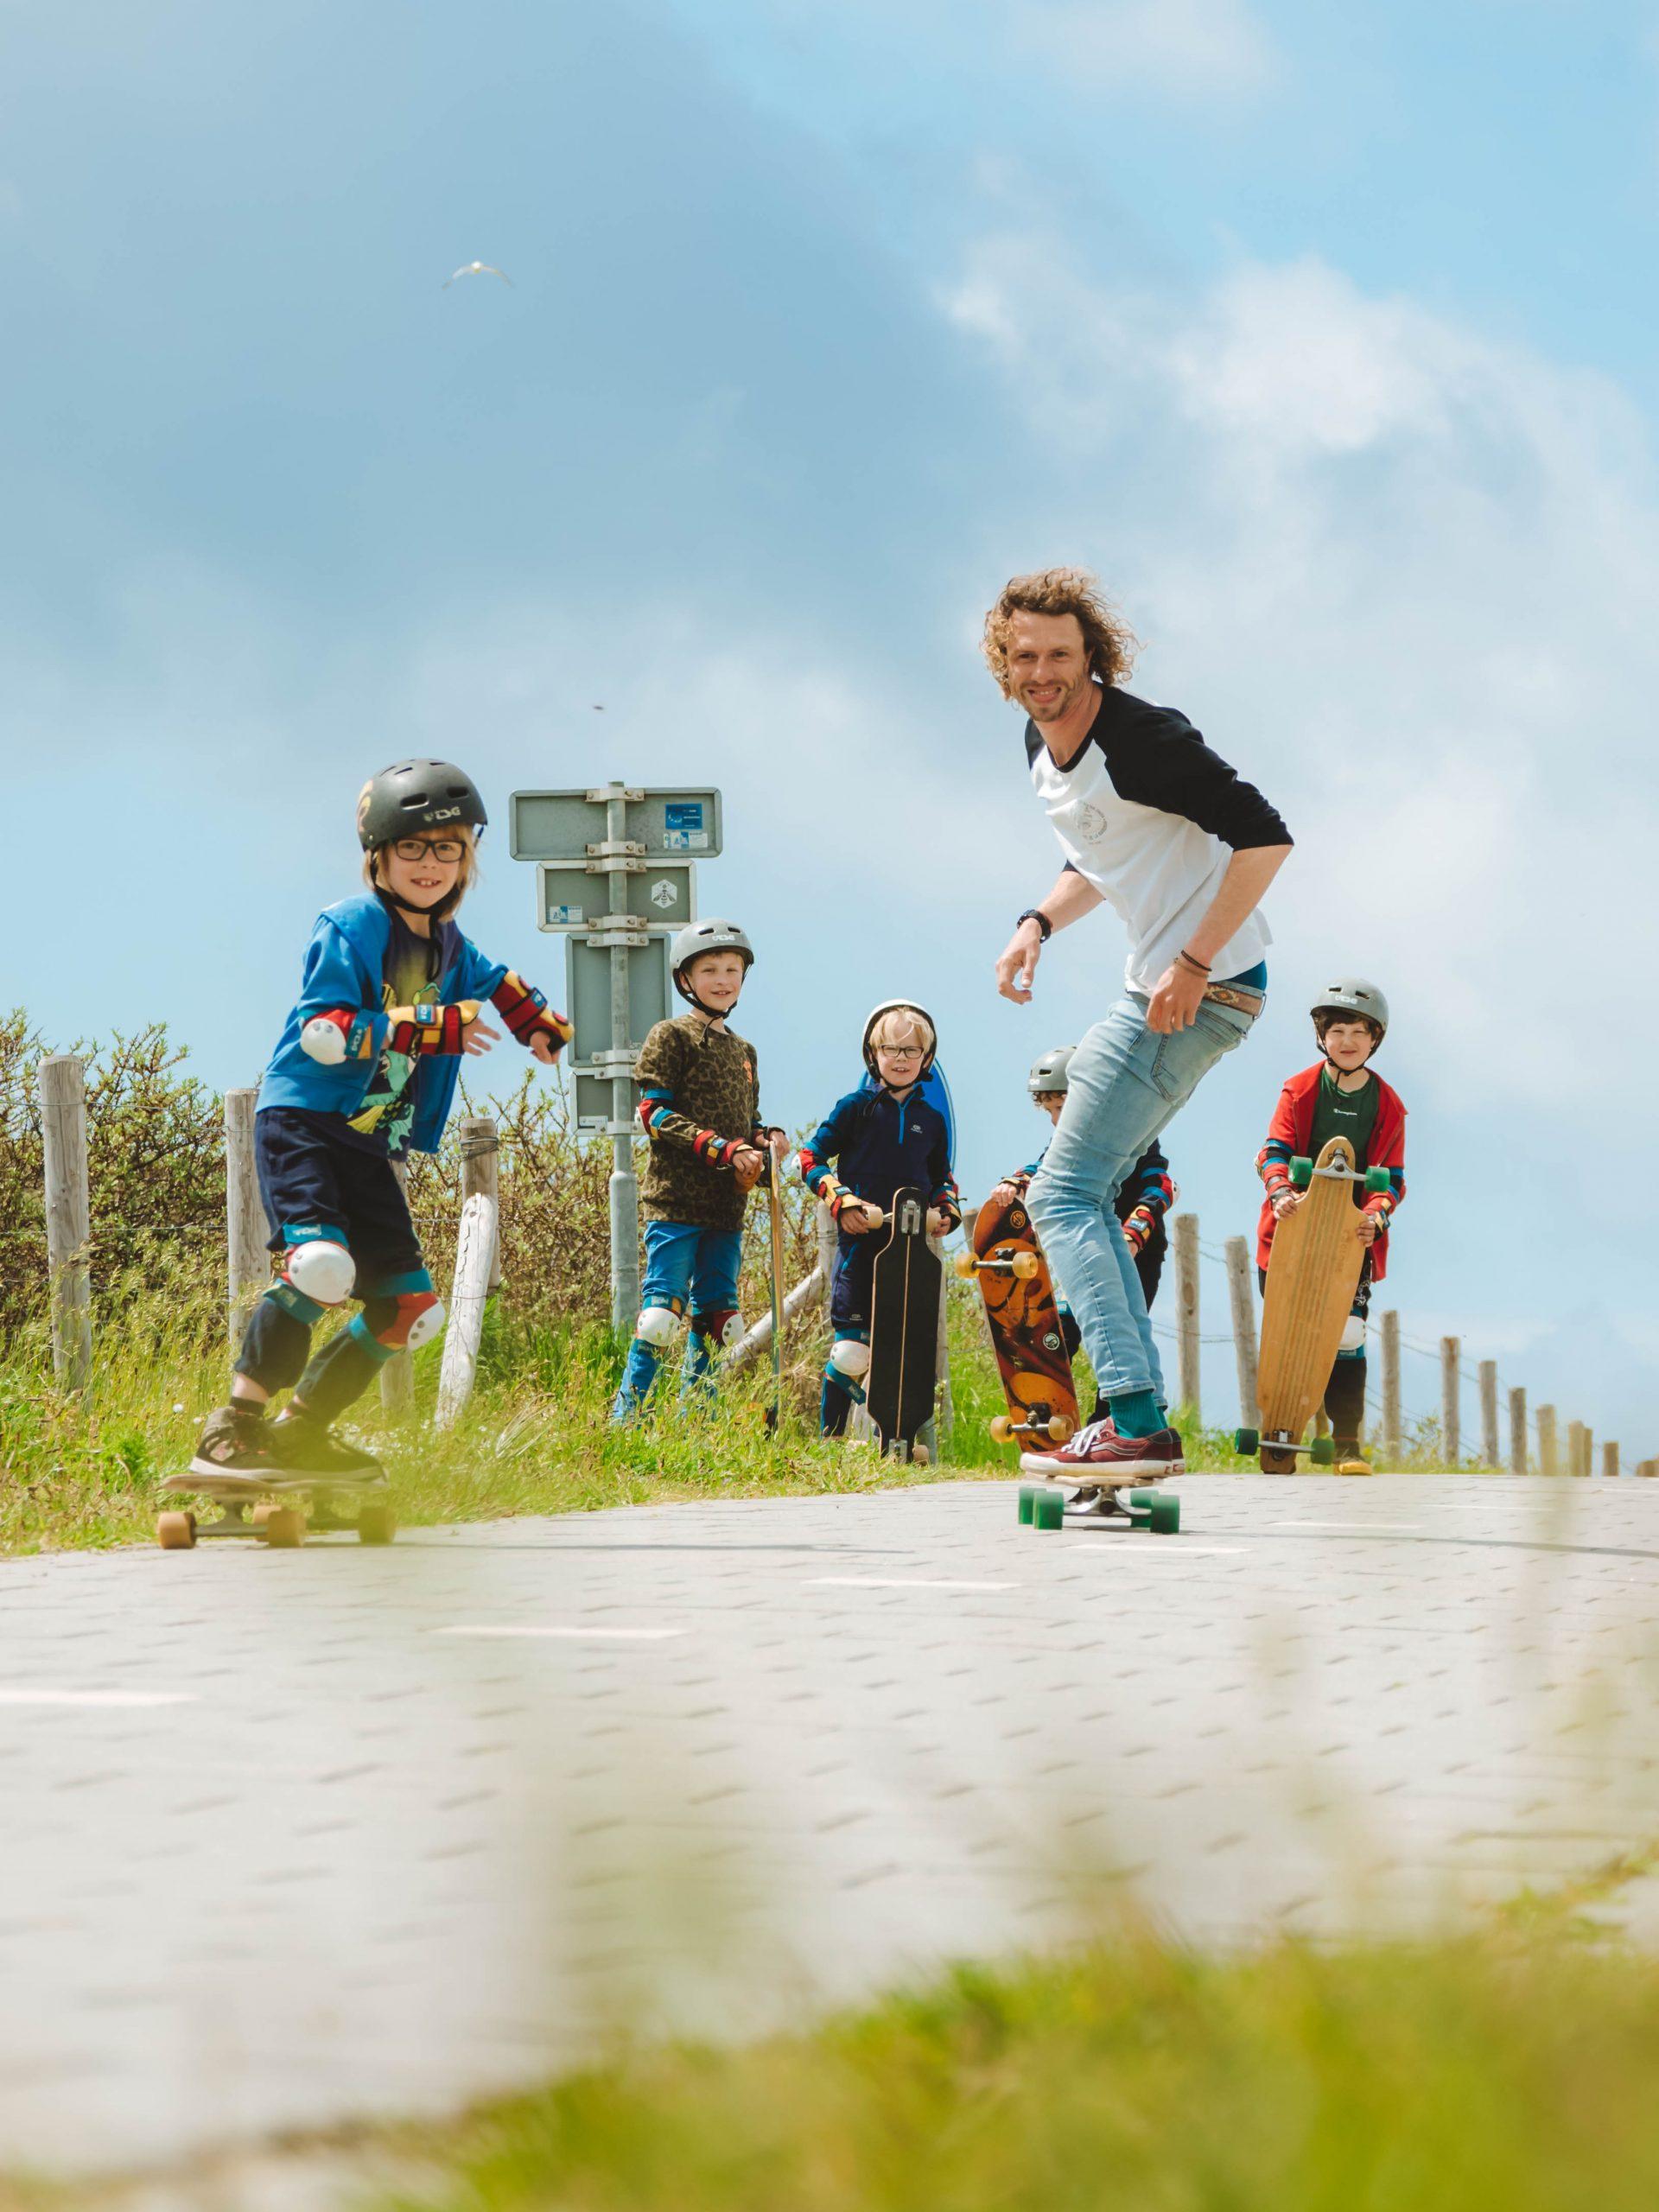 kinderfeestje longboarden